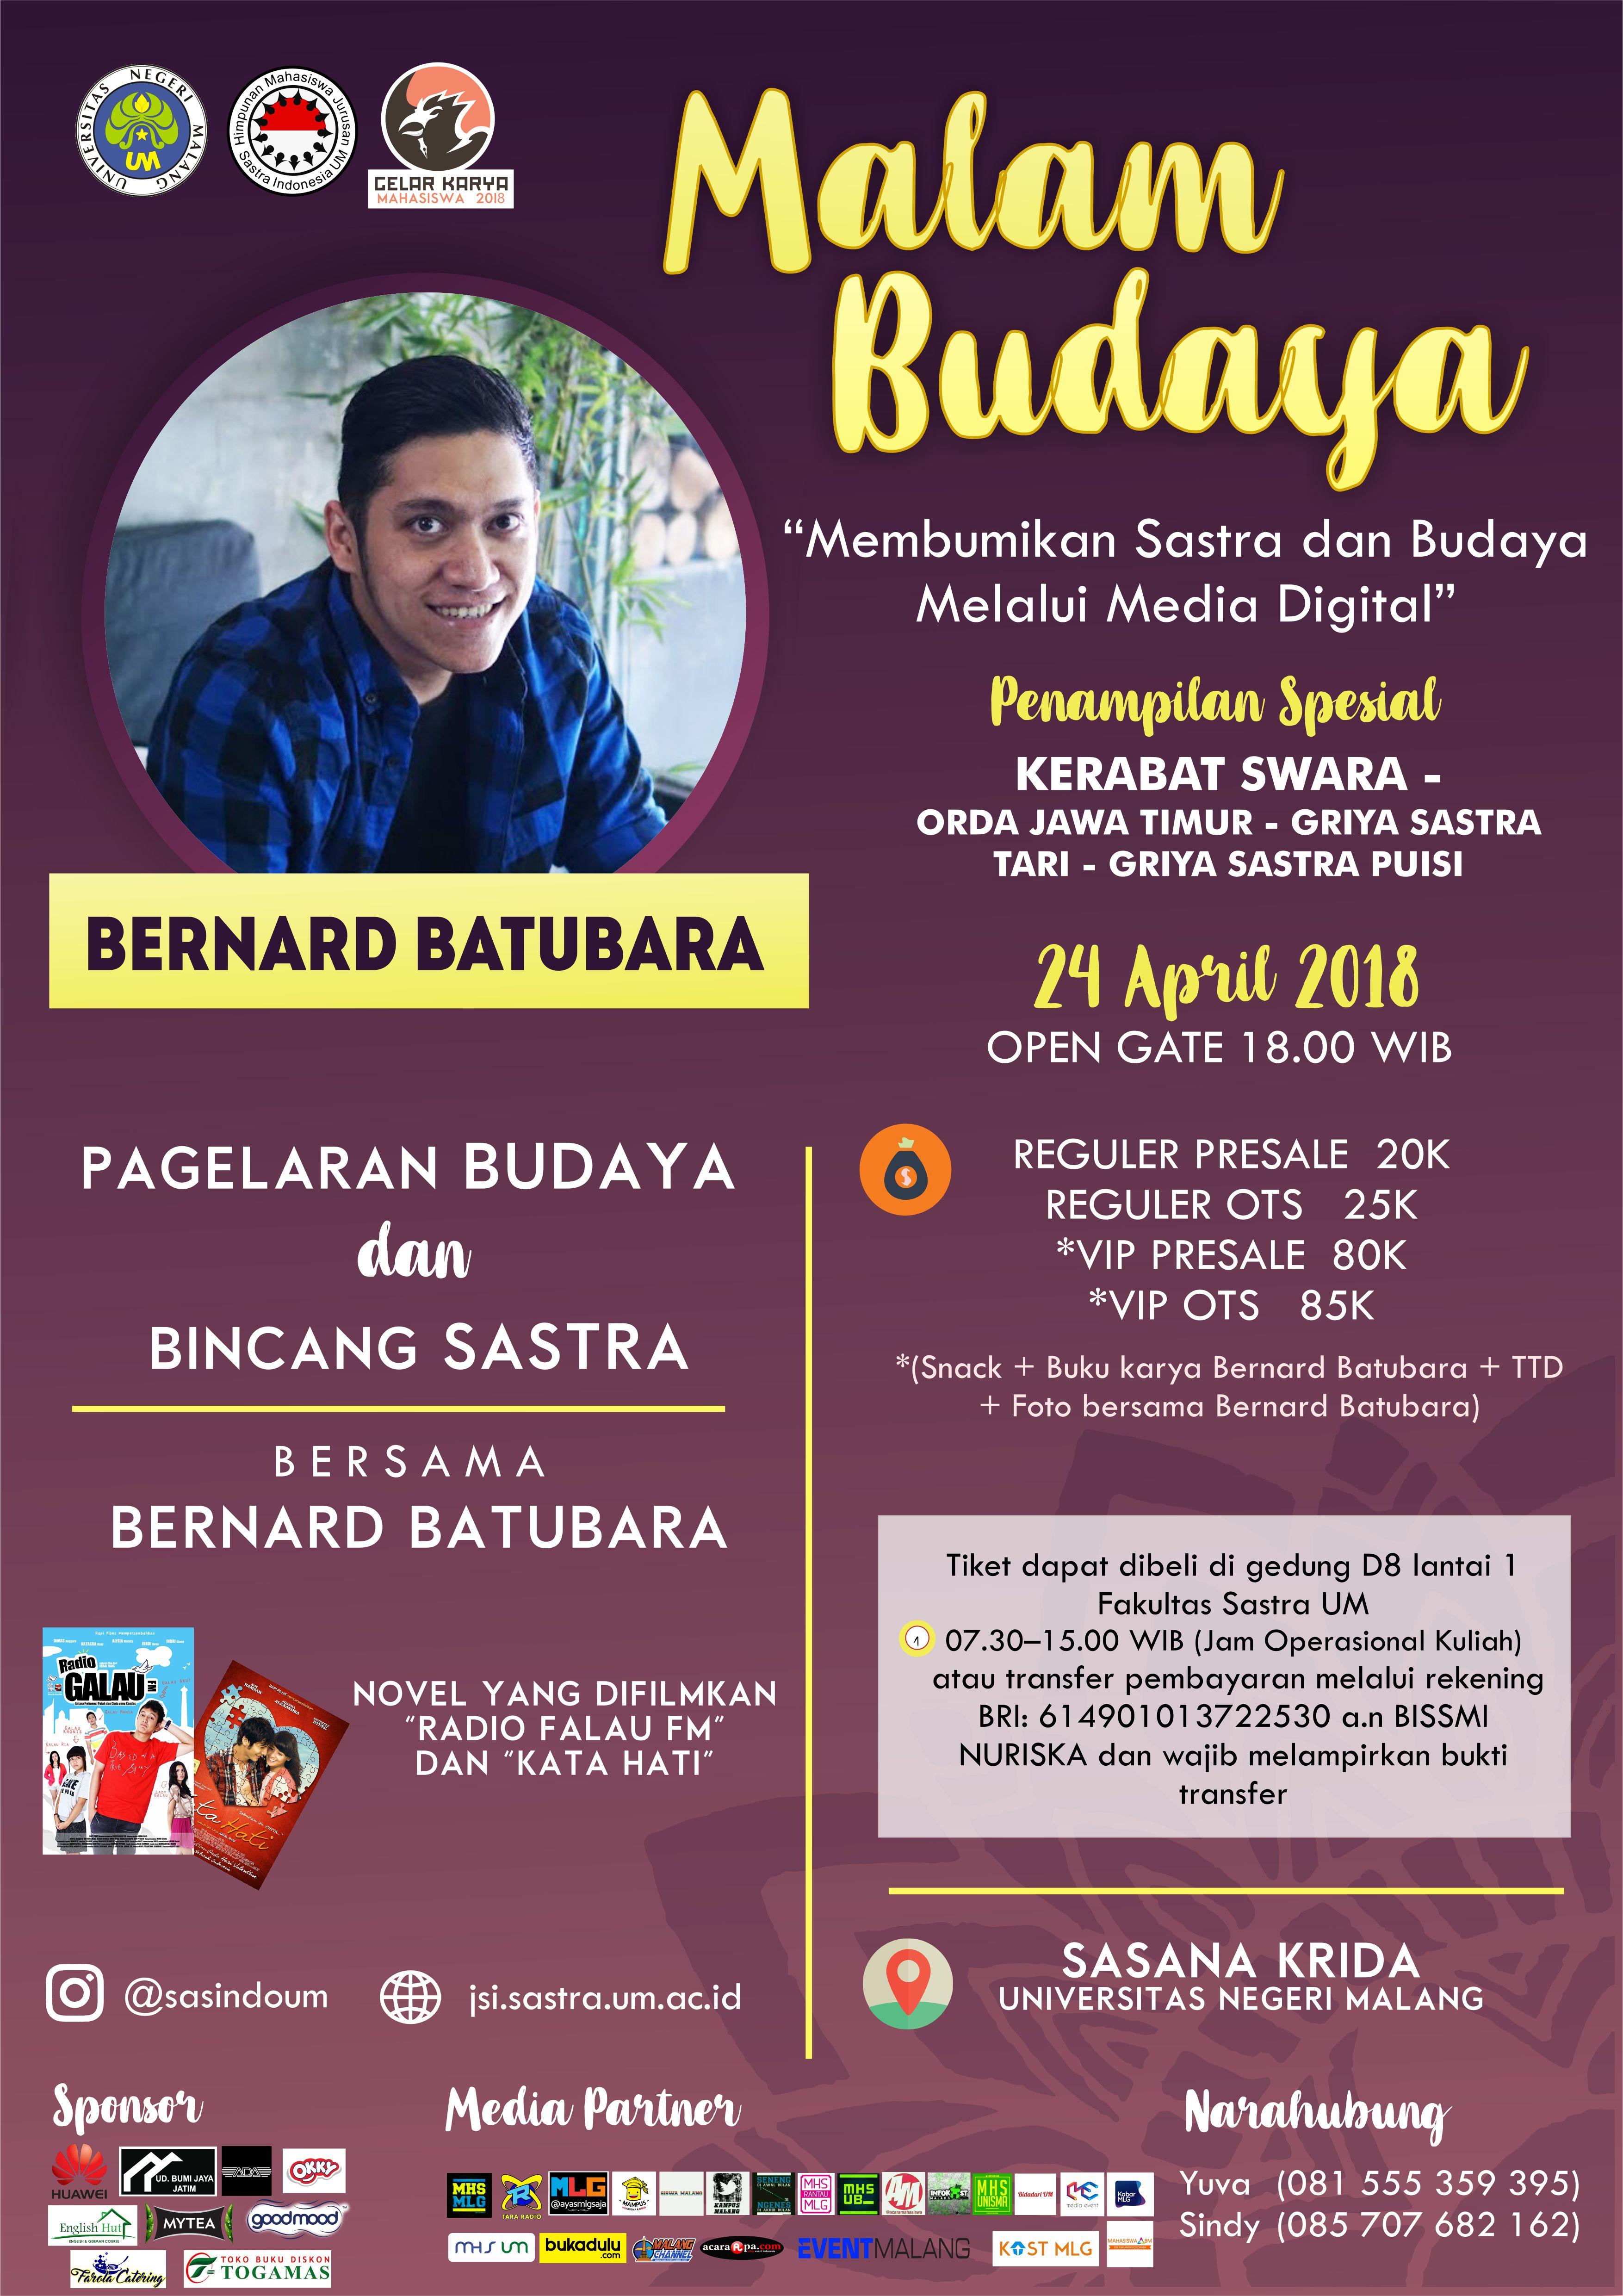 Mari bersama hadir pada Malam Budaya bersama Bernard Batubara